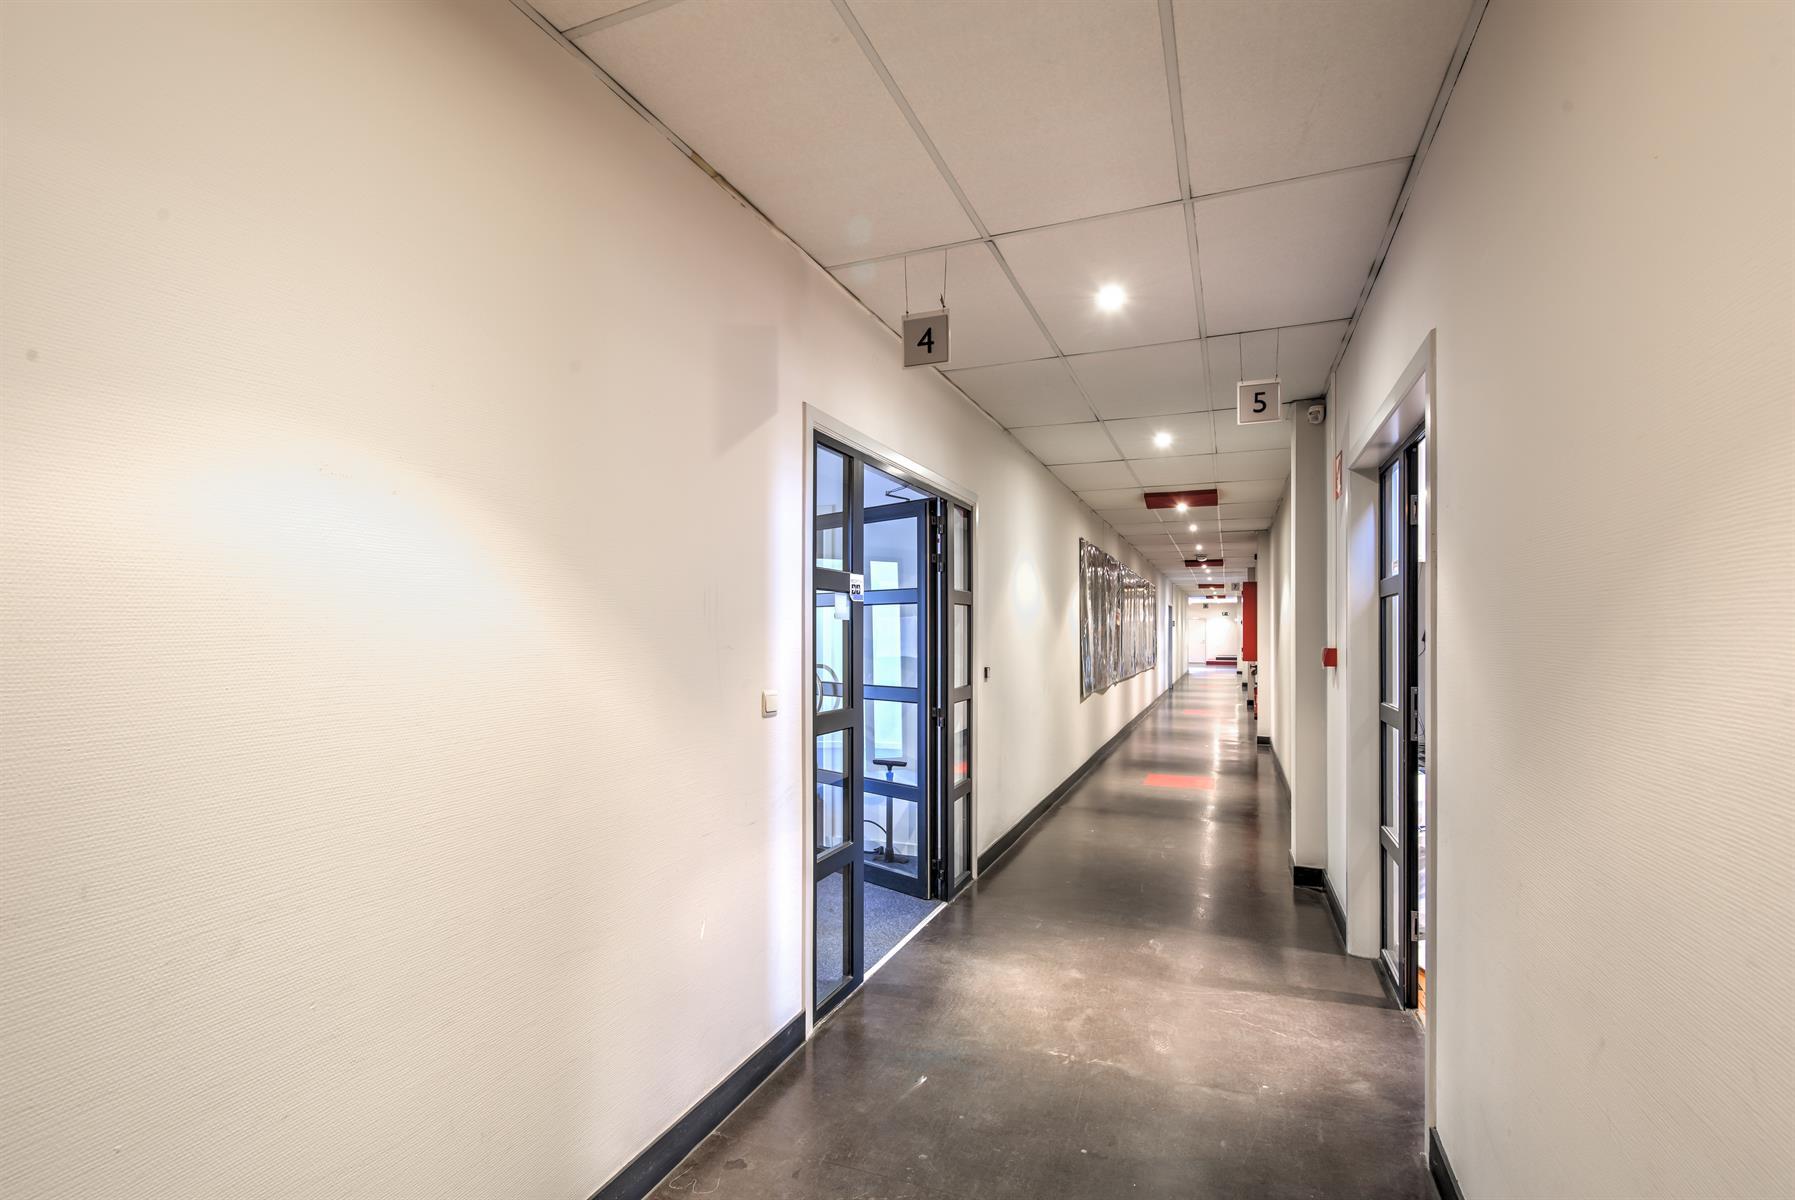 kantoren & magazijn te huur I124 - Bedrijfsgebouw 22 Luchthavenlei 7